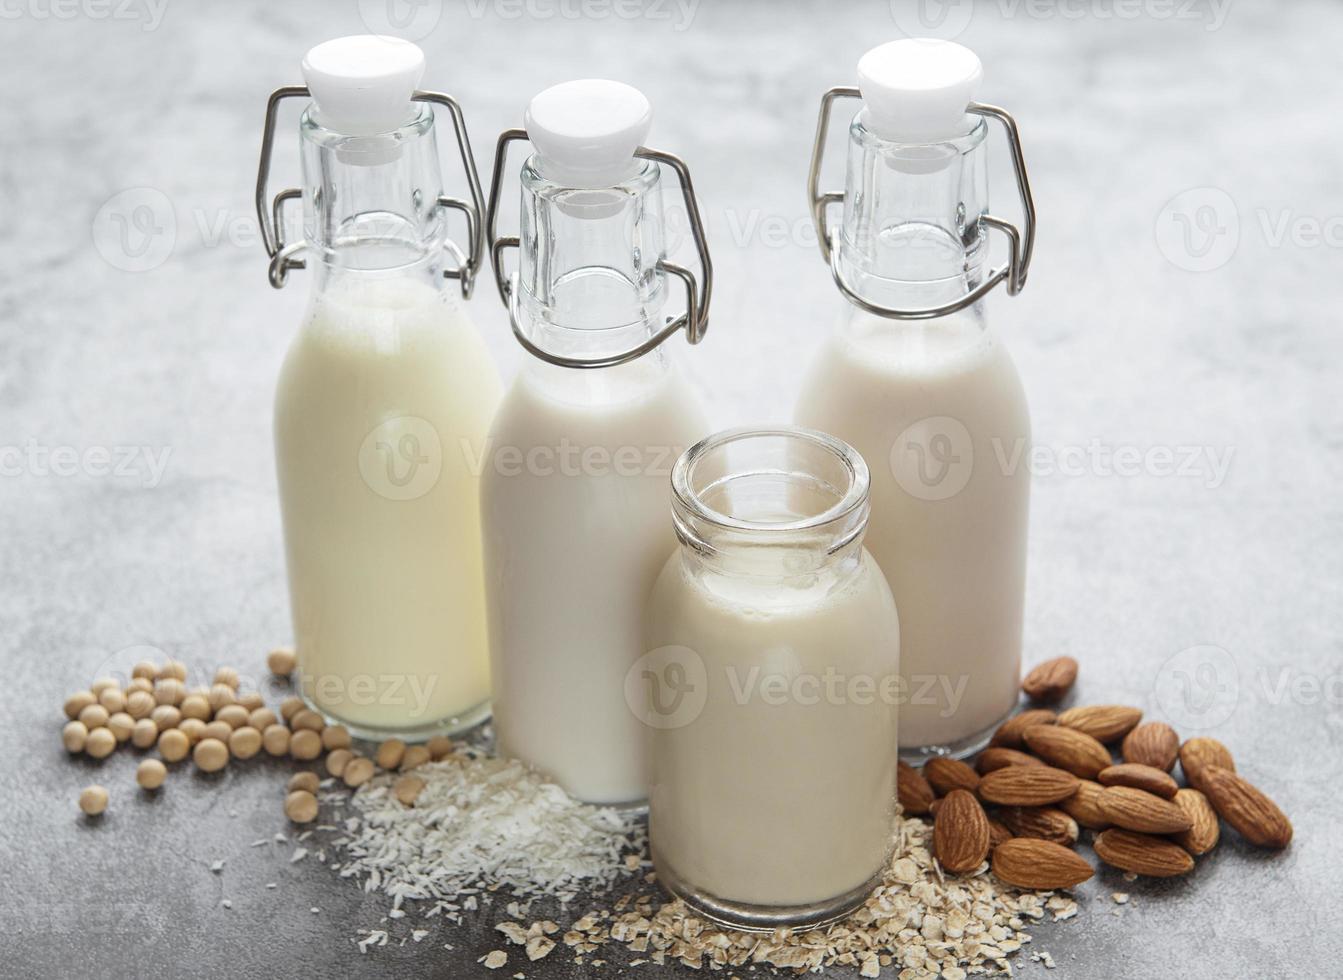 flaskor med olika vegetabilisk mjölk foto